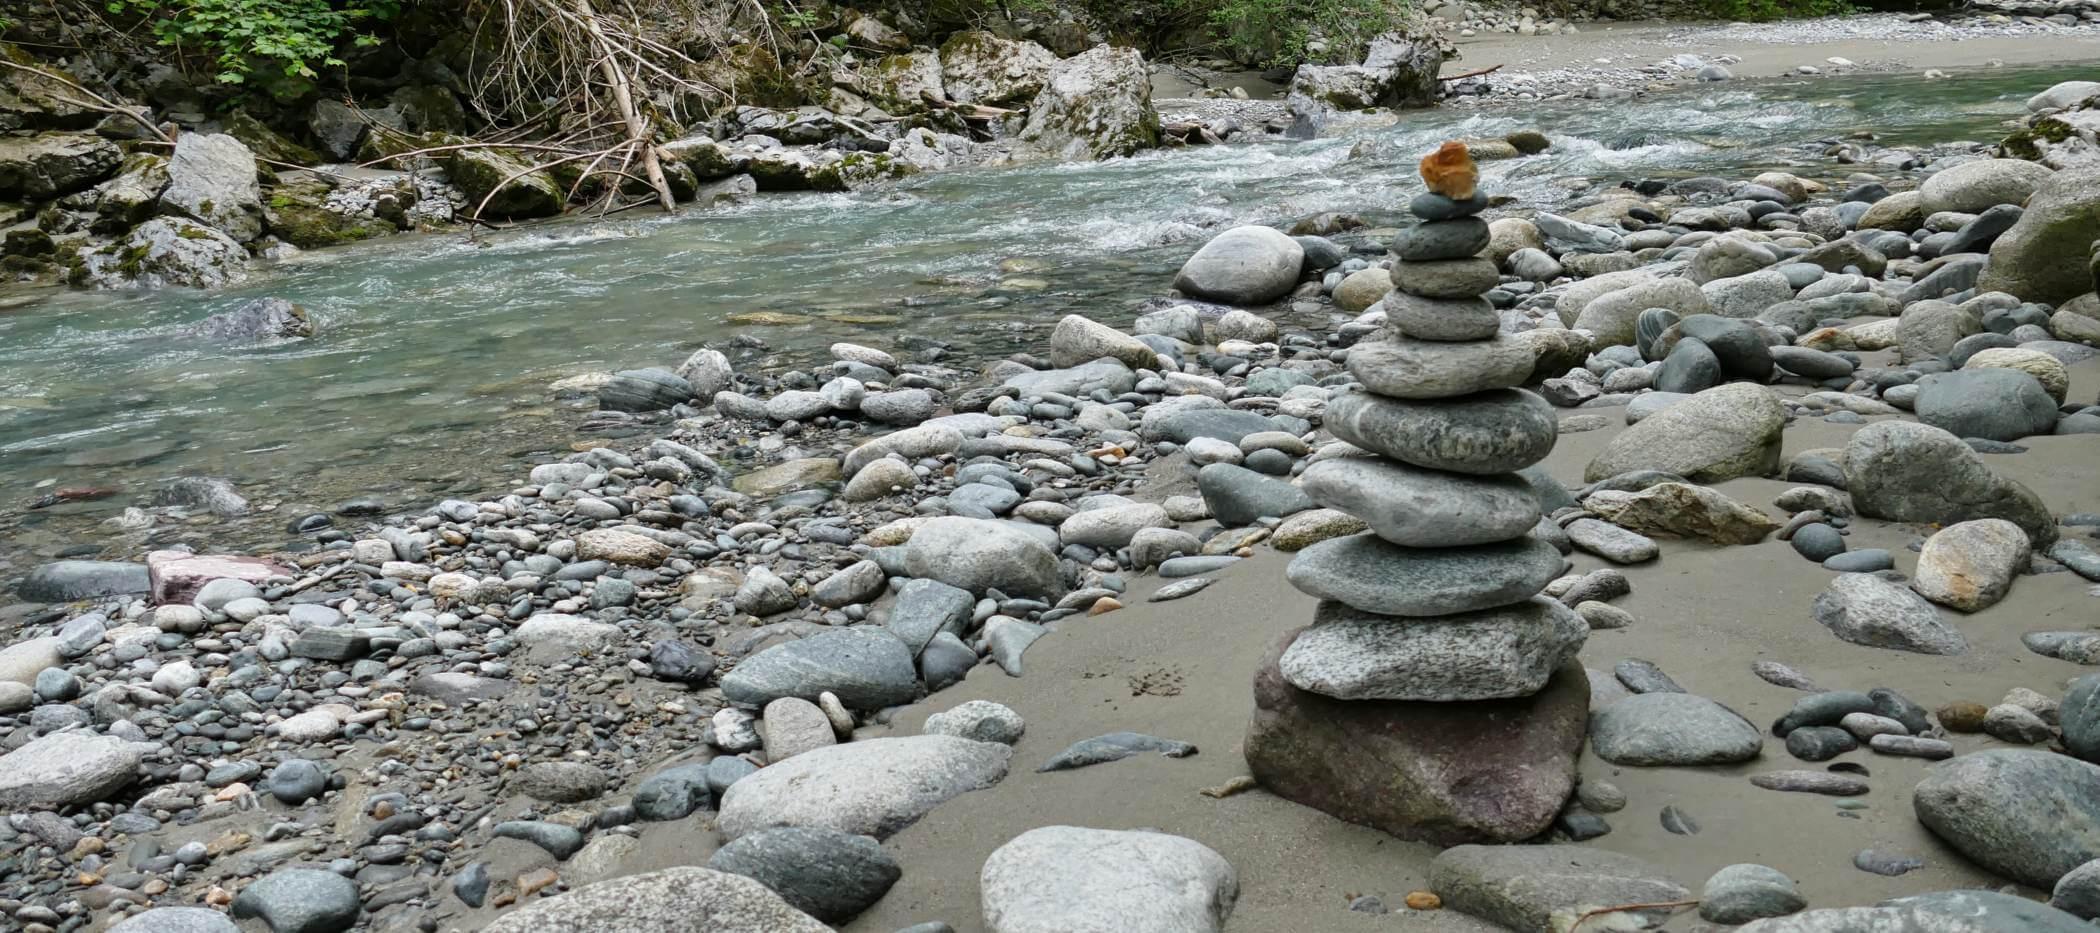 Steinmännchen am Fluss in der Pitzenklamm